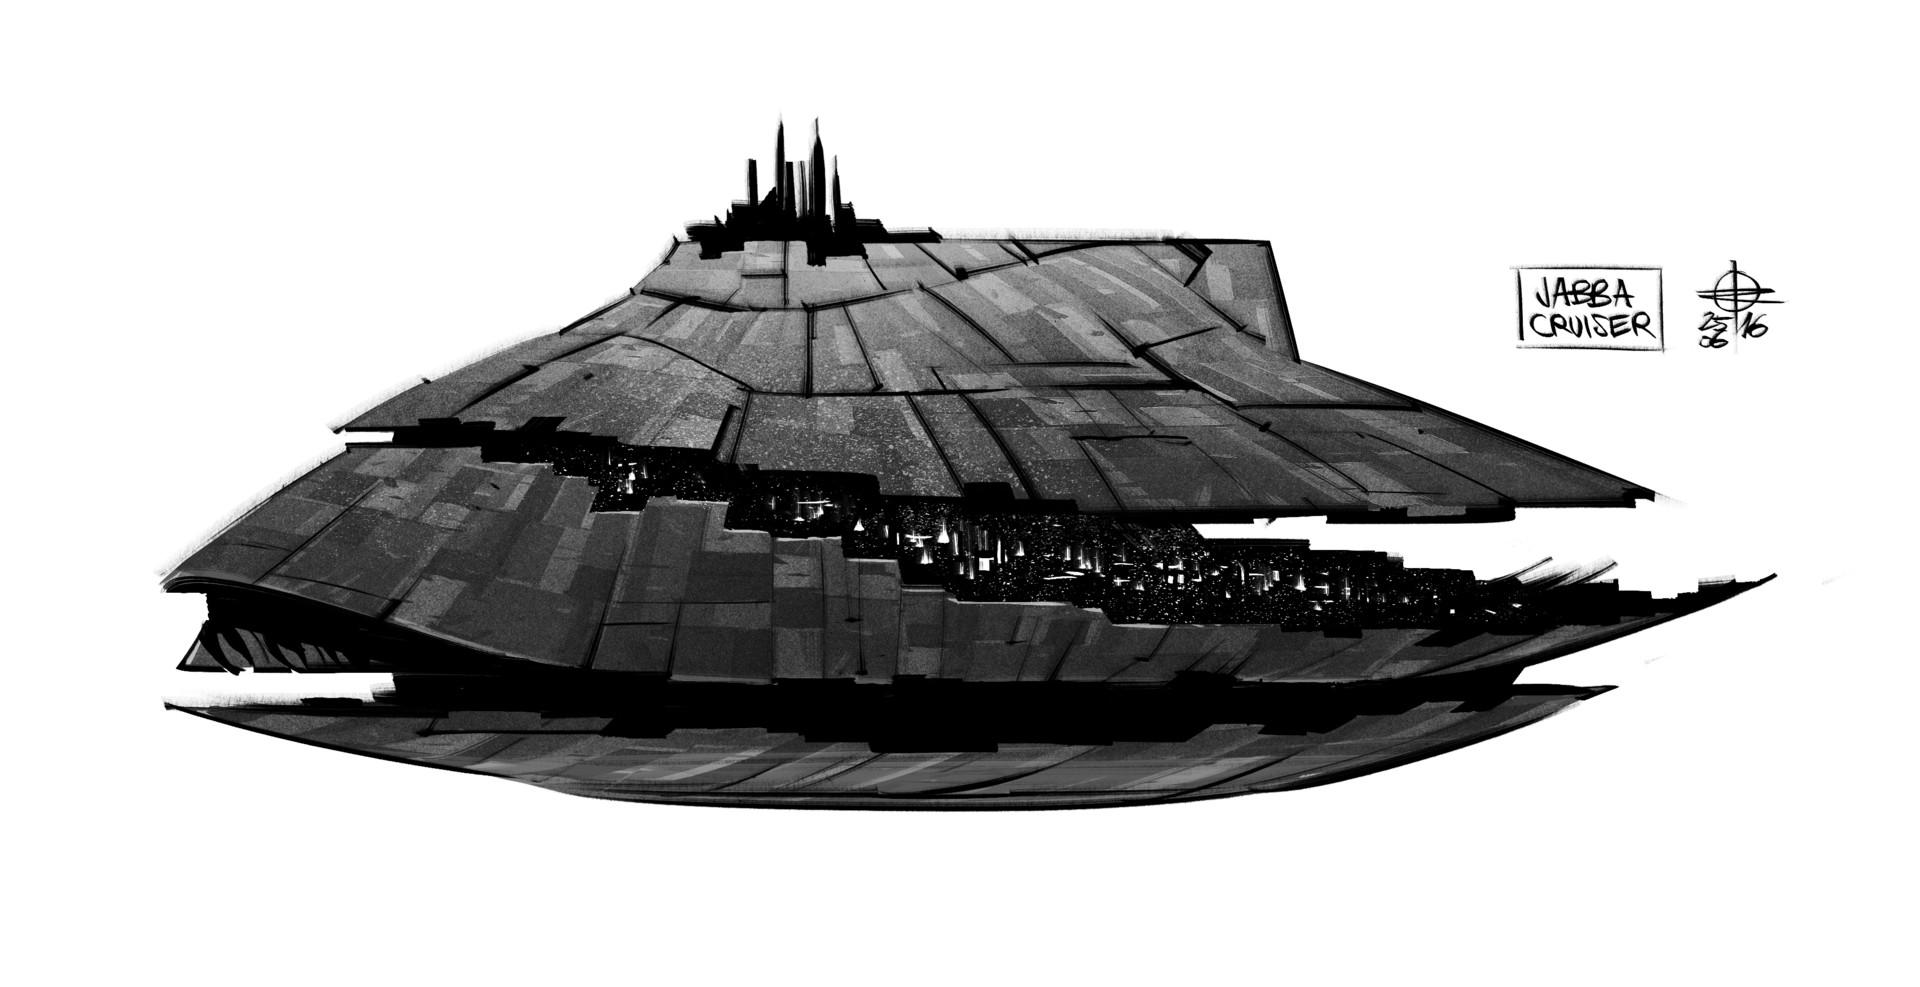 Renaud roche jabba cruiser